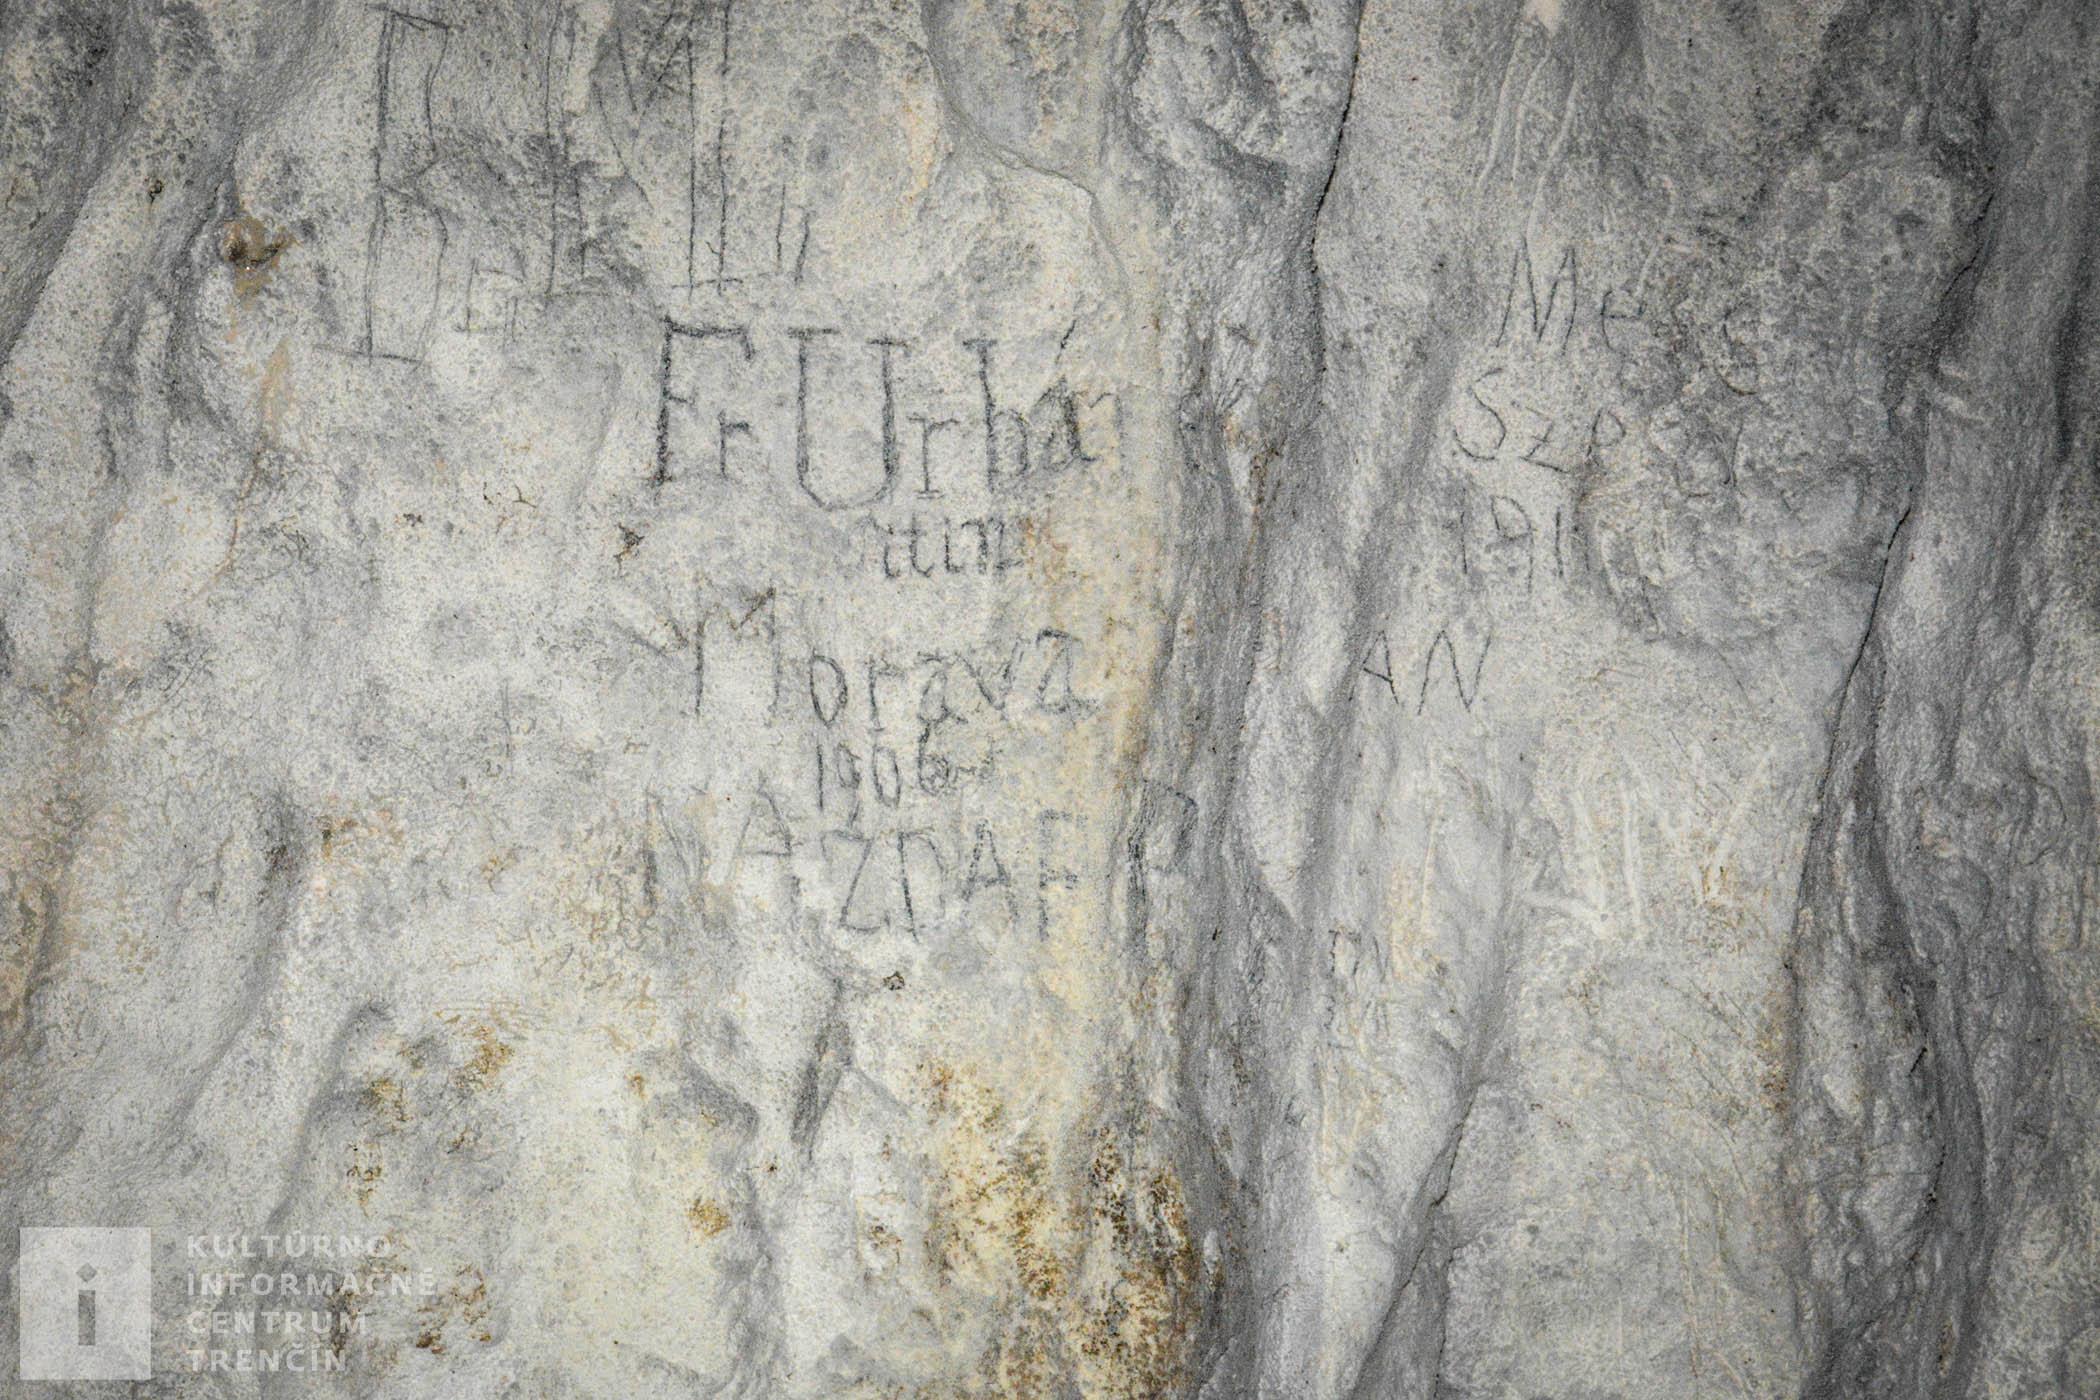 Zrejme najstarší, dnes už nečitateľný nápis, je nad vchodom do jaskyne z vonkajšej strany.